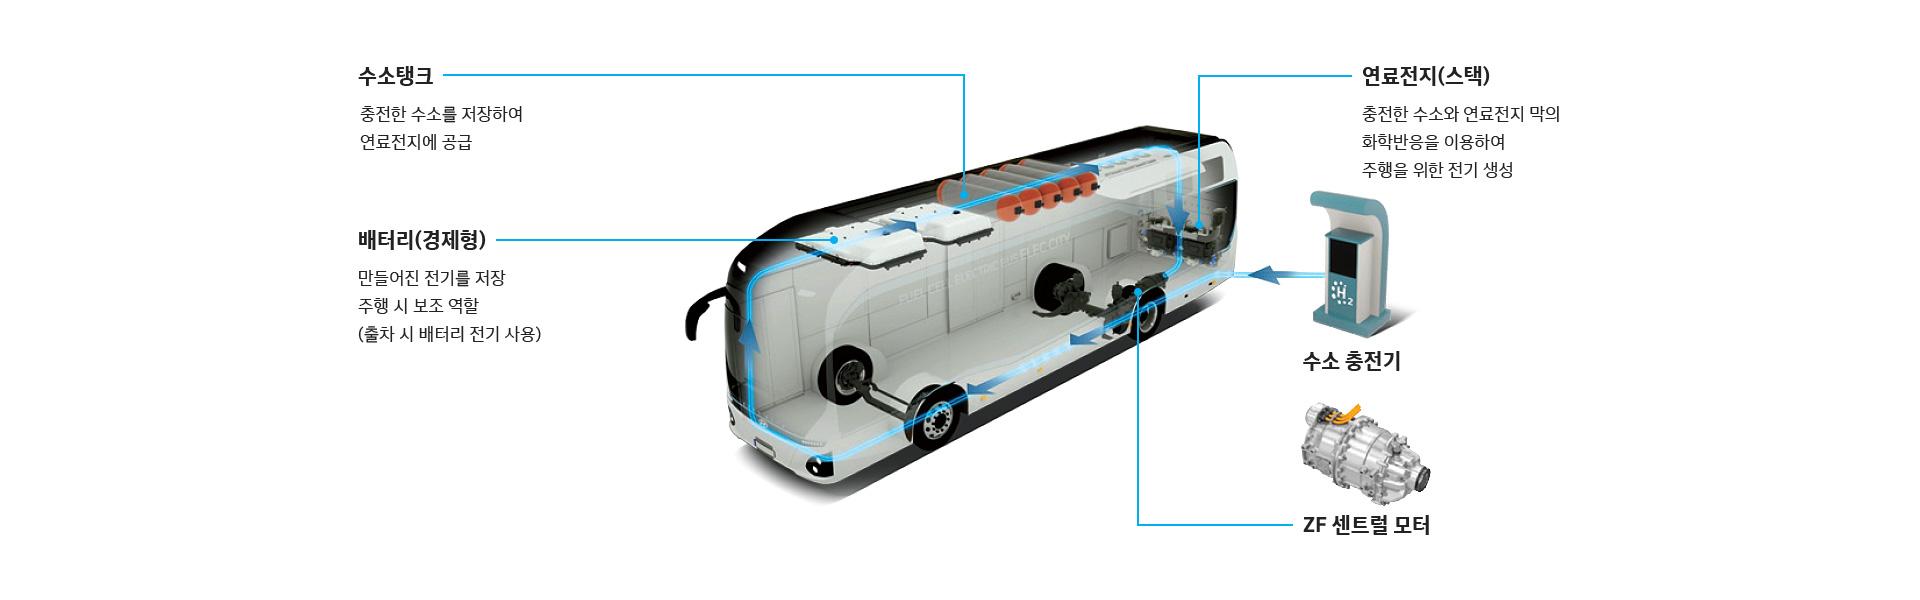 수소탱크:충전한 수소를 저장하여 연료전지에 공급, 연료전지(스택):충전한 수소와 연료전지 막의 화학반응을 이용하여 주행을 위한 전기 생성, 배터리(경제형):만들어진 전기를 저장 주행 시 보조 역할(출차 시 배터리 전기 사용), 수소 충전기, ZF 센트럴 모터